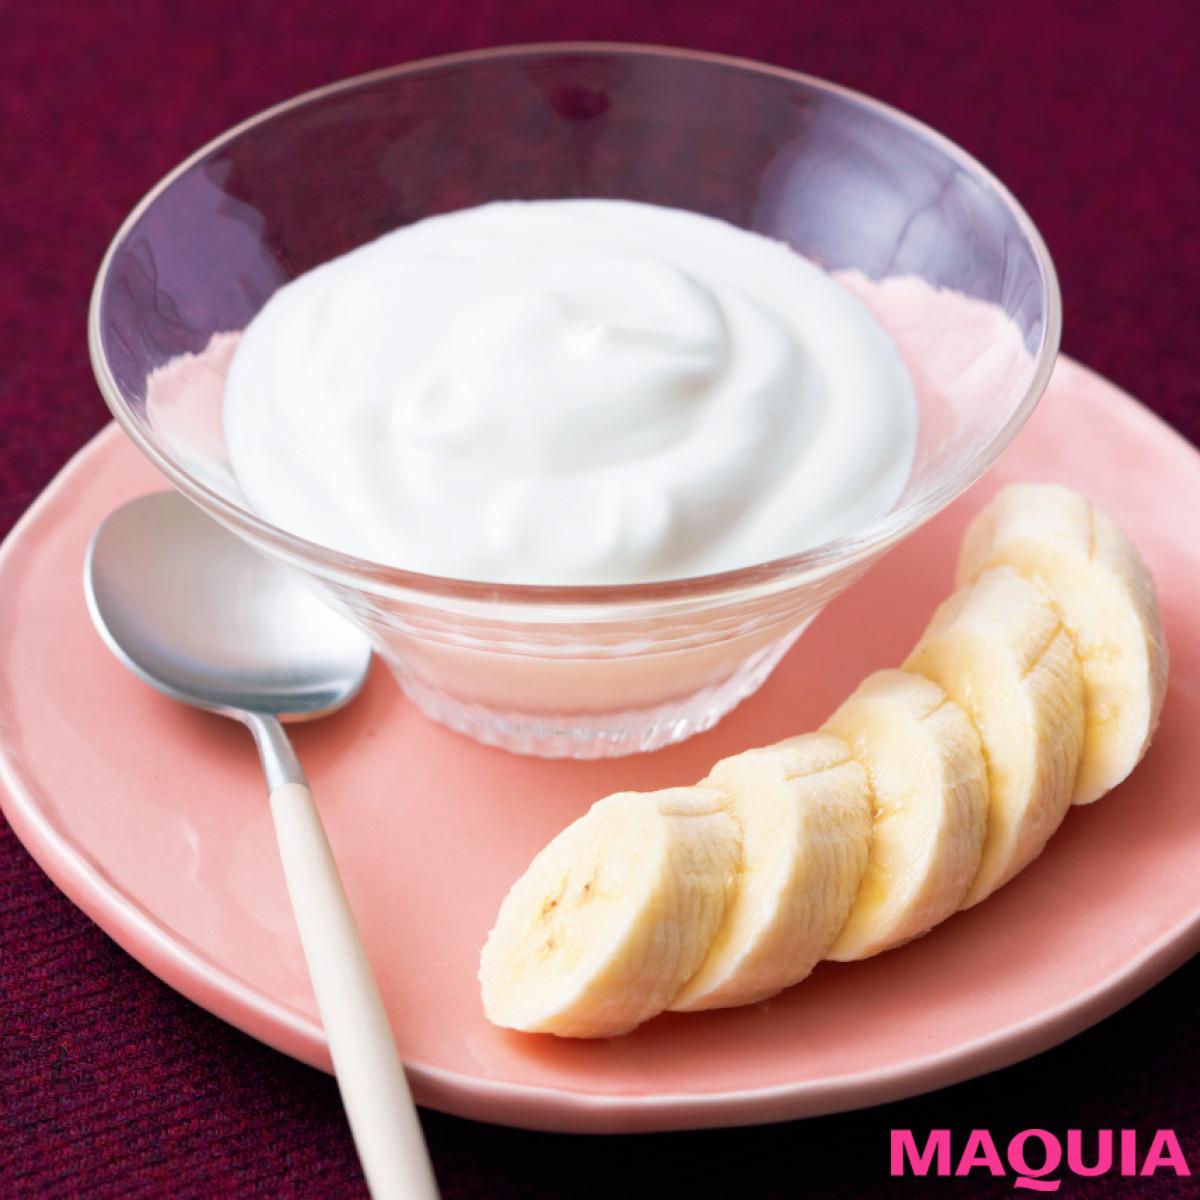 バナナが最強!? ハッピーホルモンを活性化する食材&レシピ